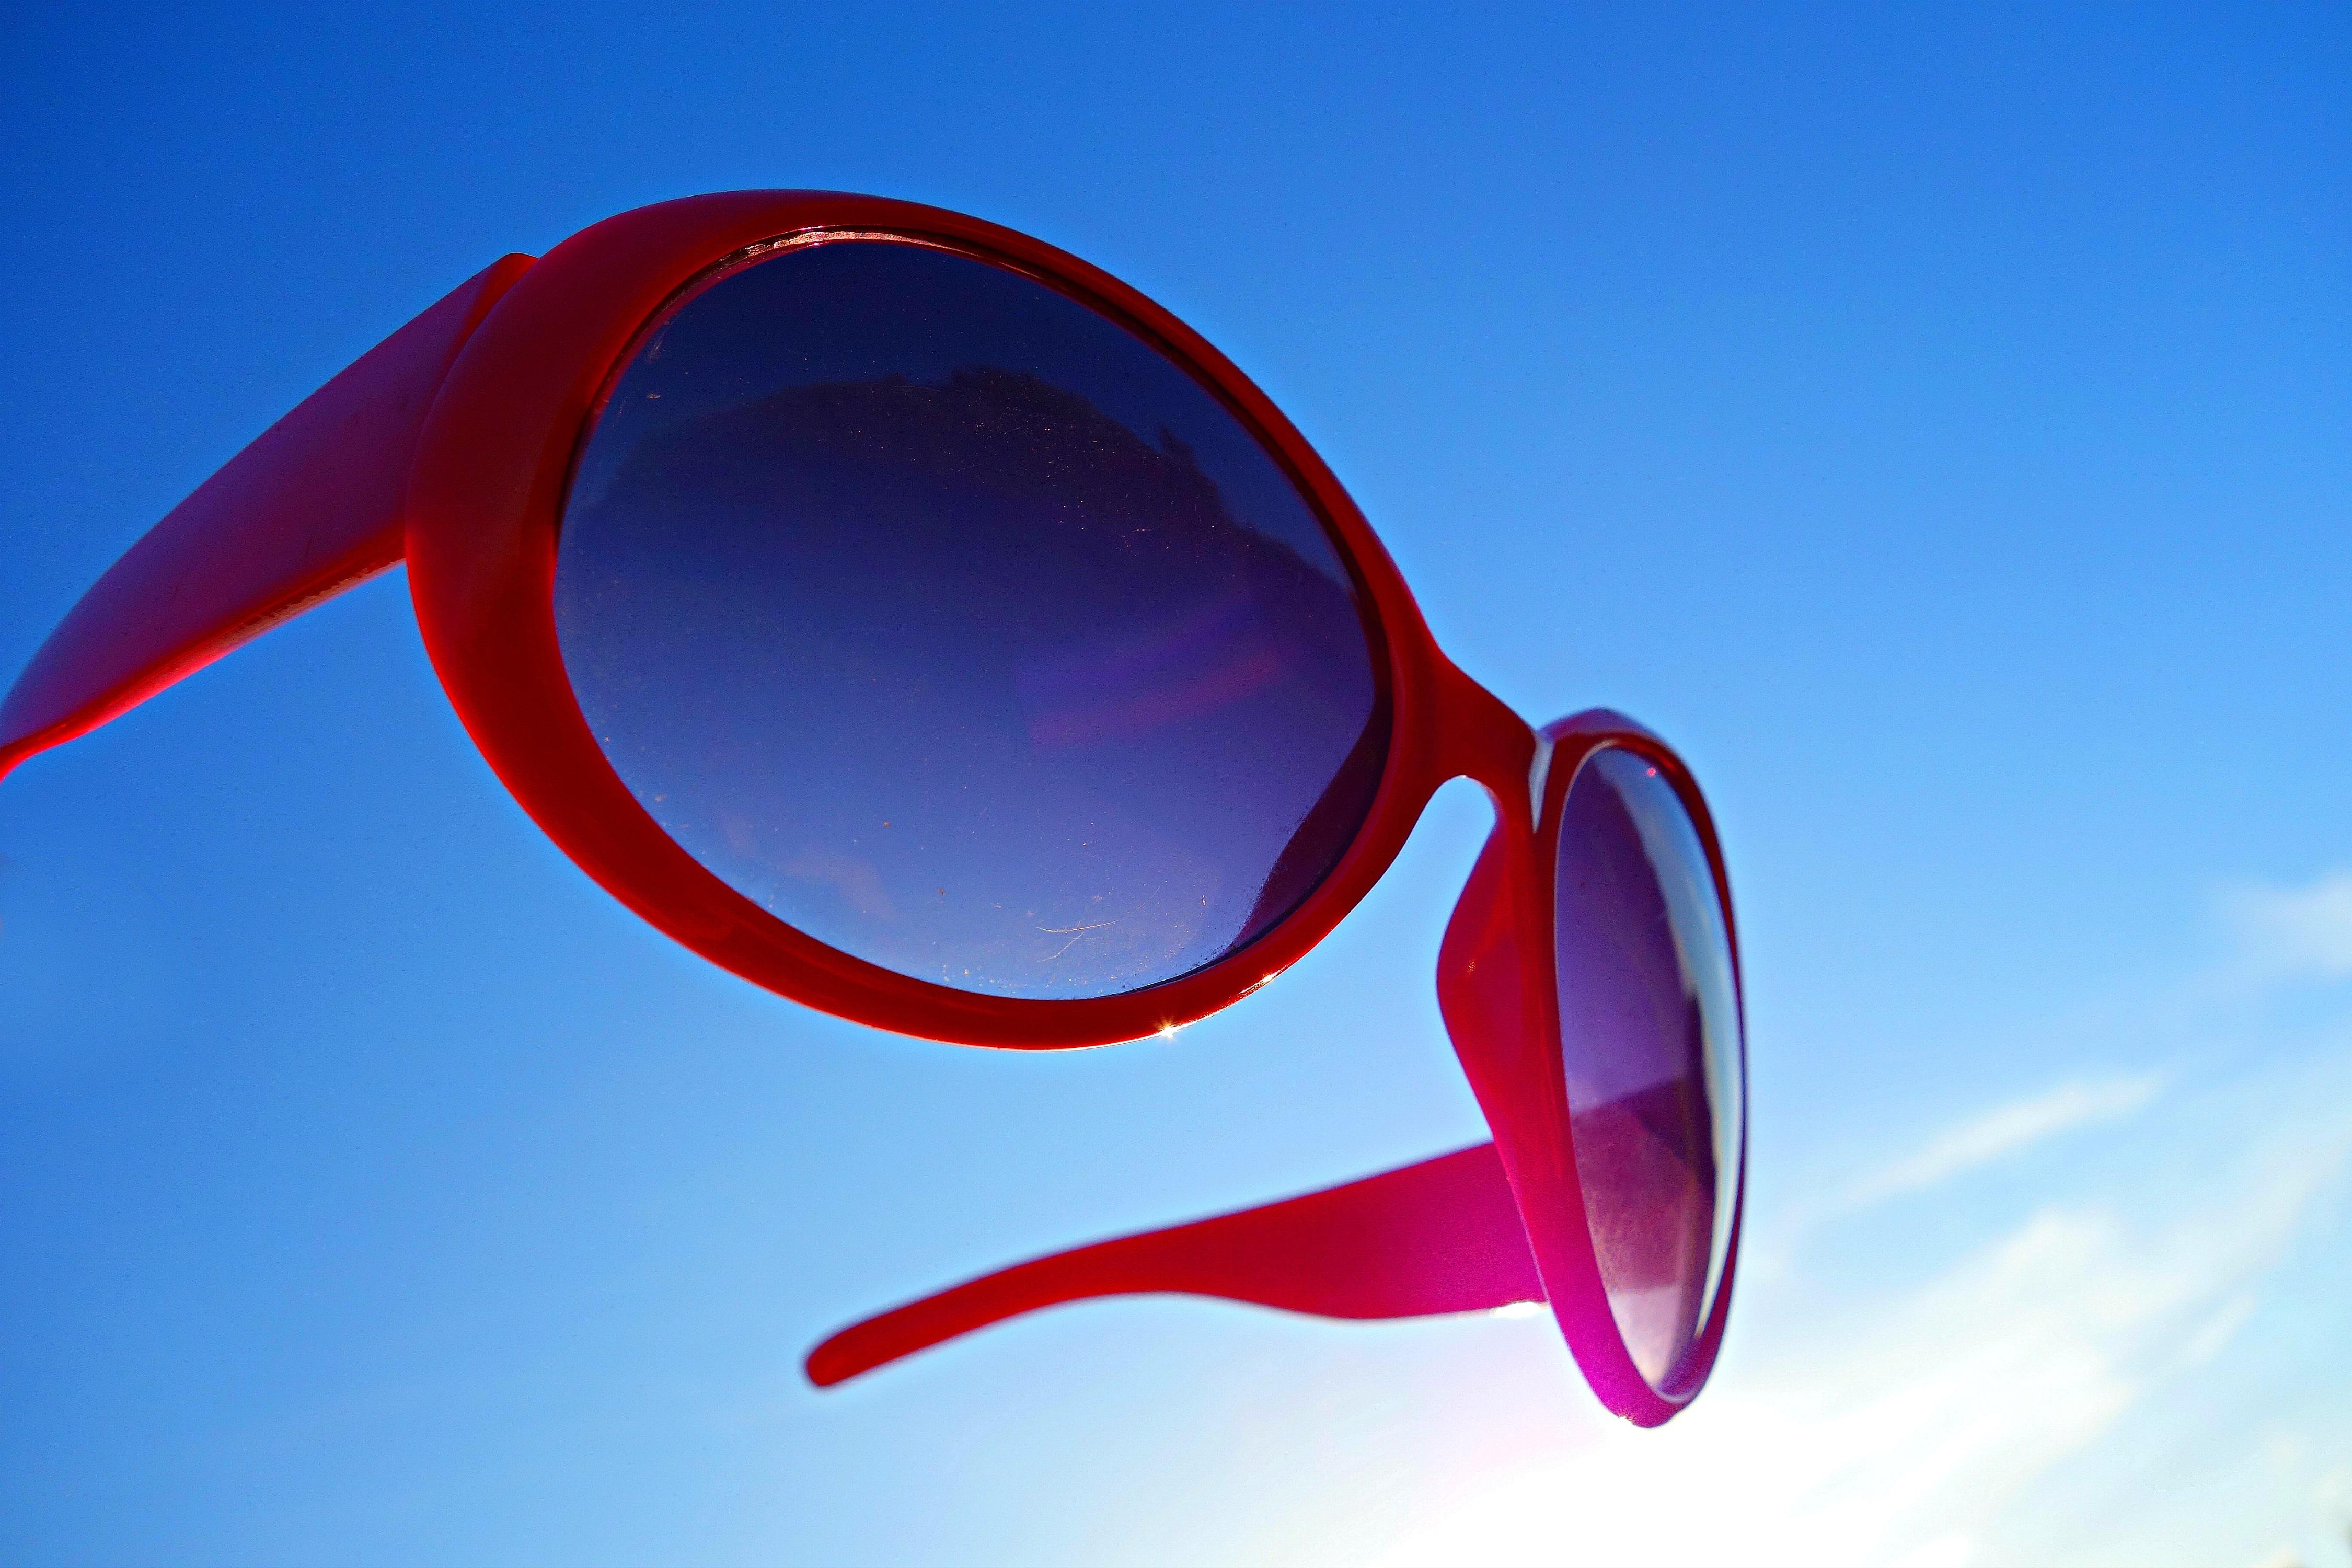 nap piros divat kék kör ábra napszemüveg szemüveg szemüveg védelem elegáns  szemüvegnek uV szűrő divatos kiegészítő c91623d714